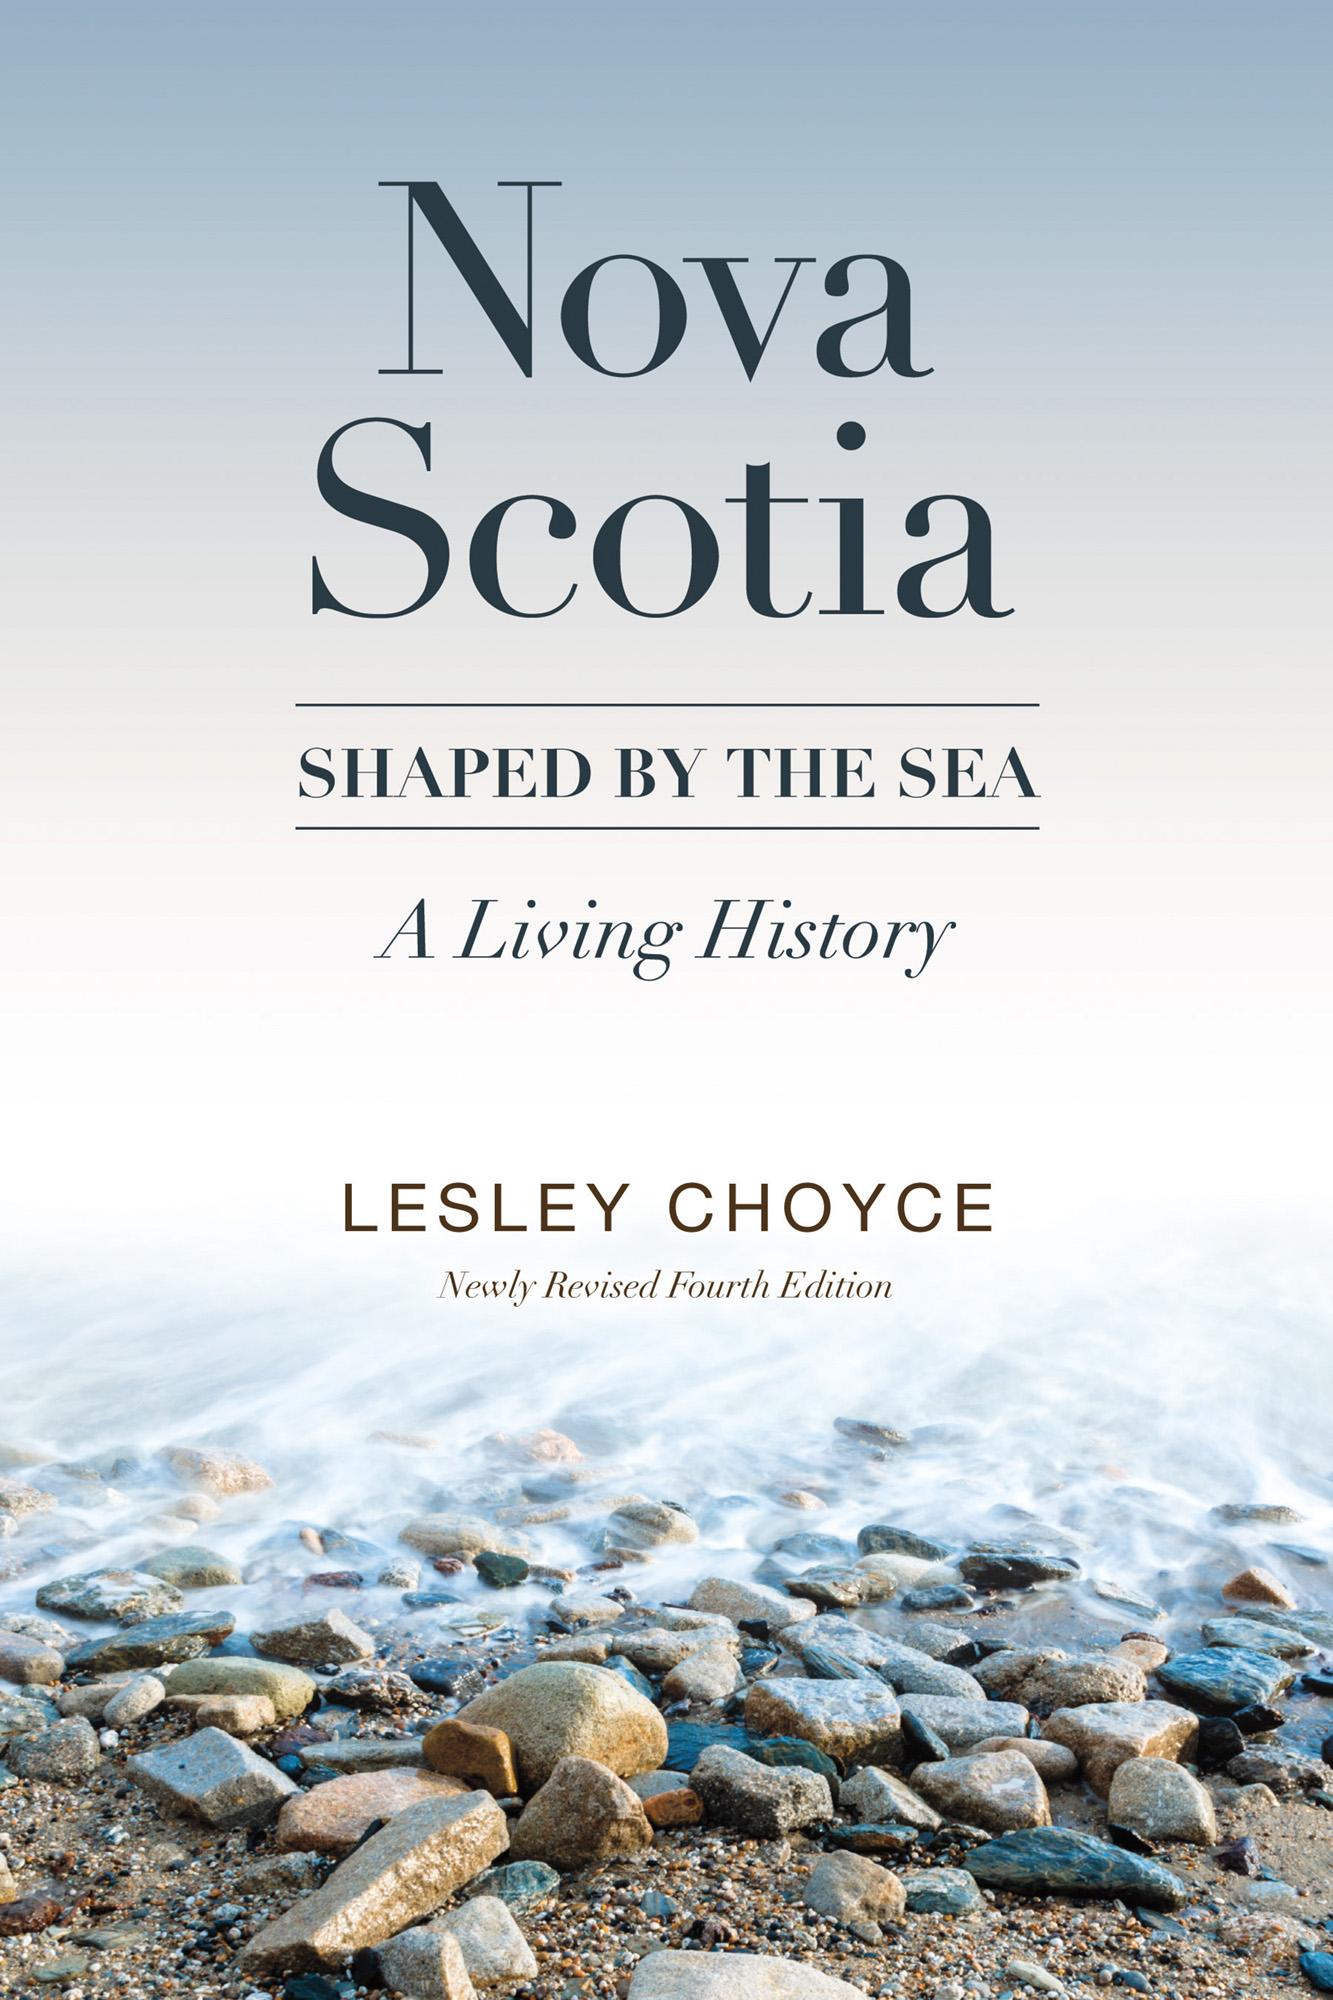 Nova Scotia: Shaped by the Sea